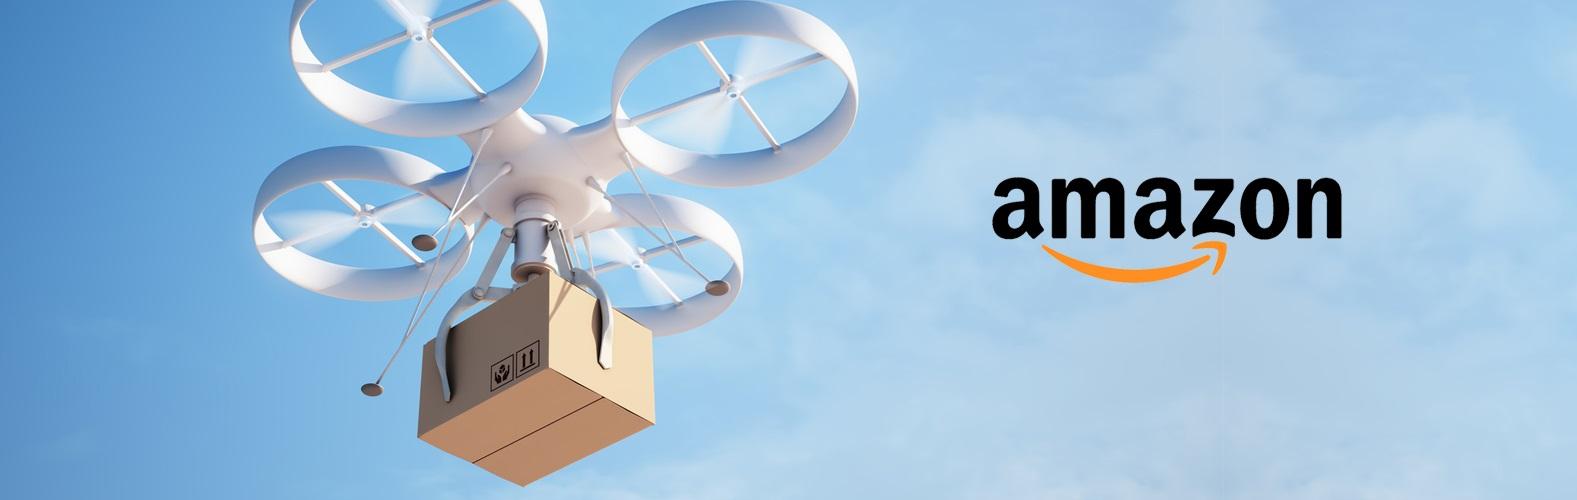 automatisation supply chain amazon